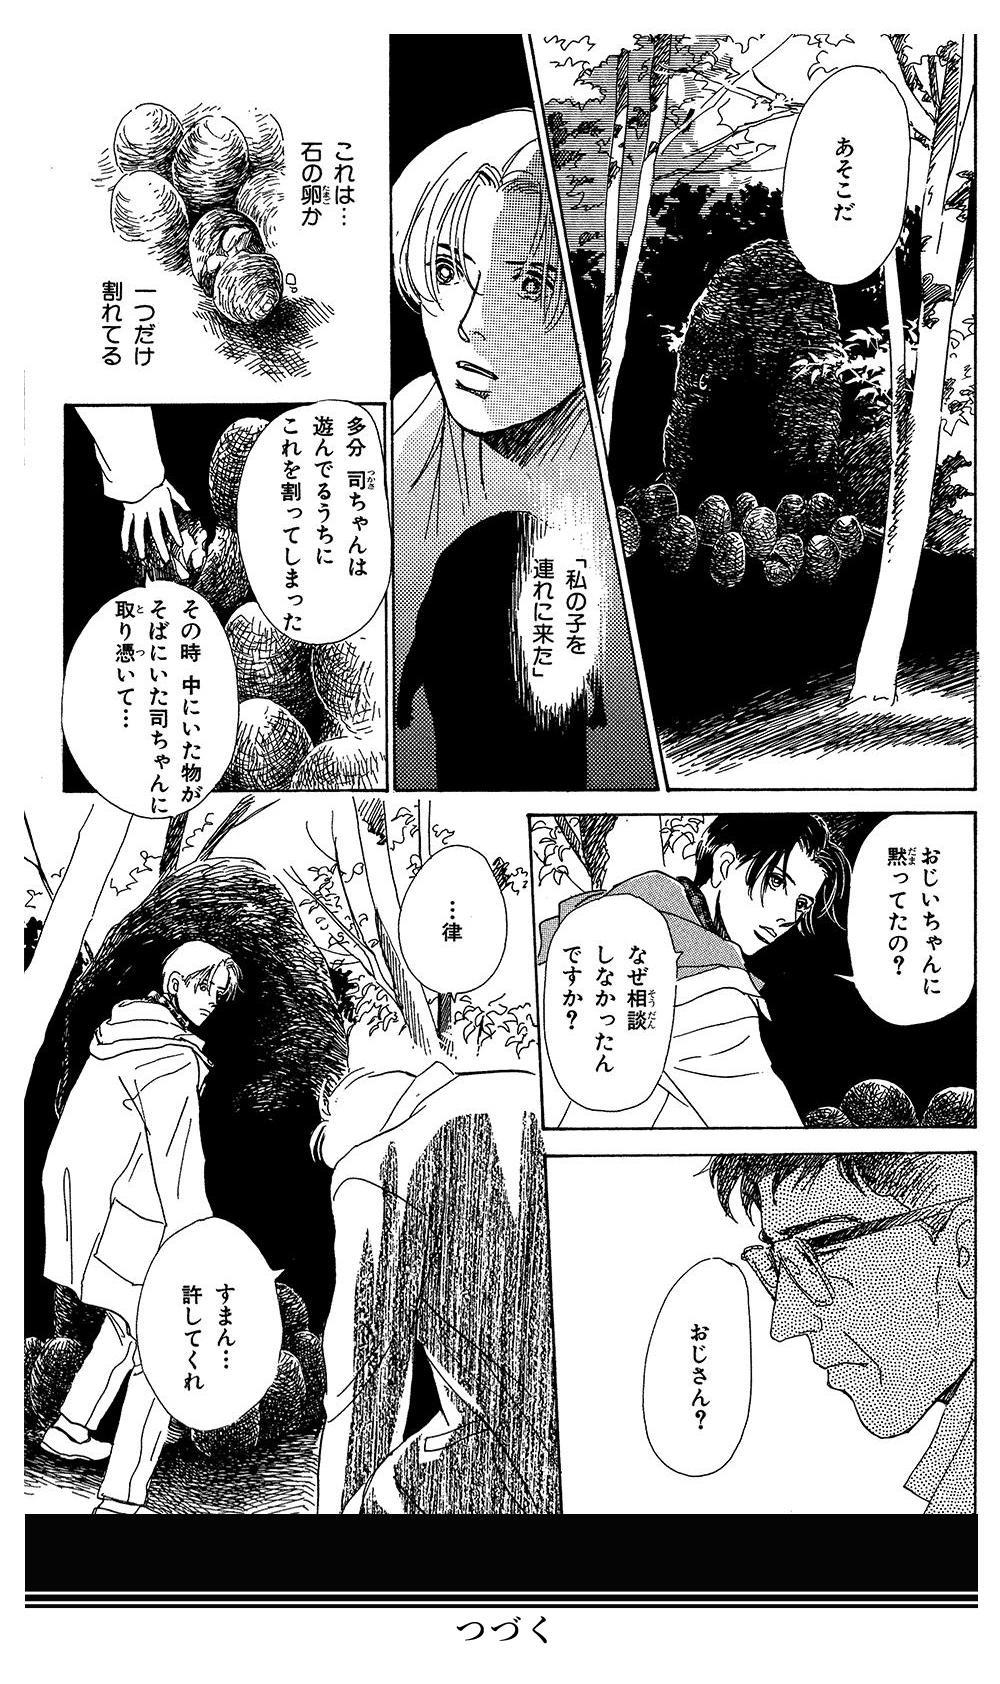 百鬼夜行抄 第1話「闇からの呼び声」④hyakki-more.jpg